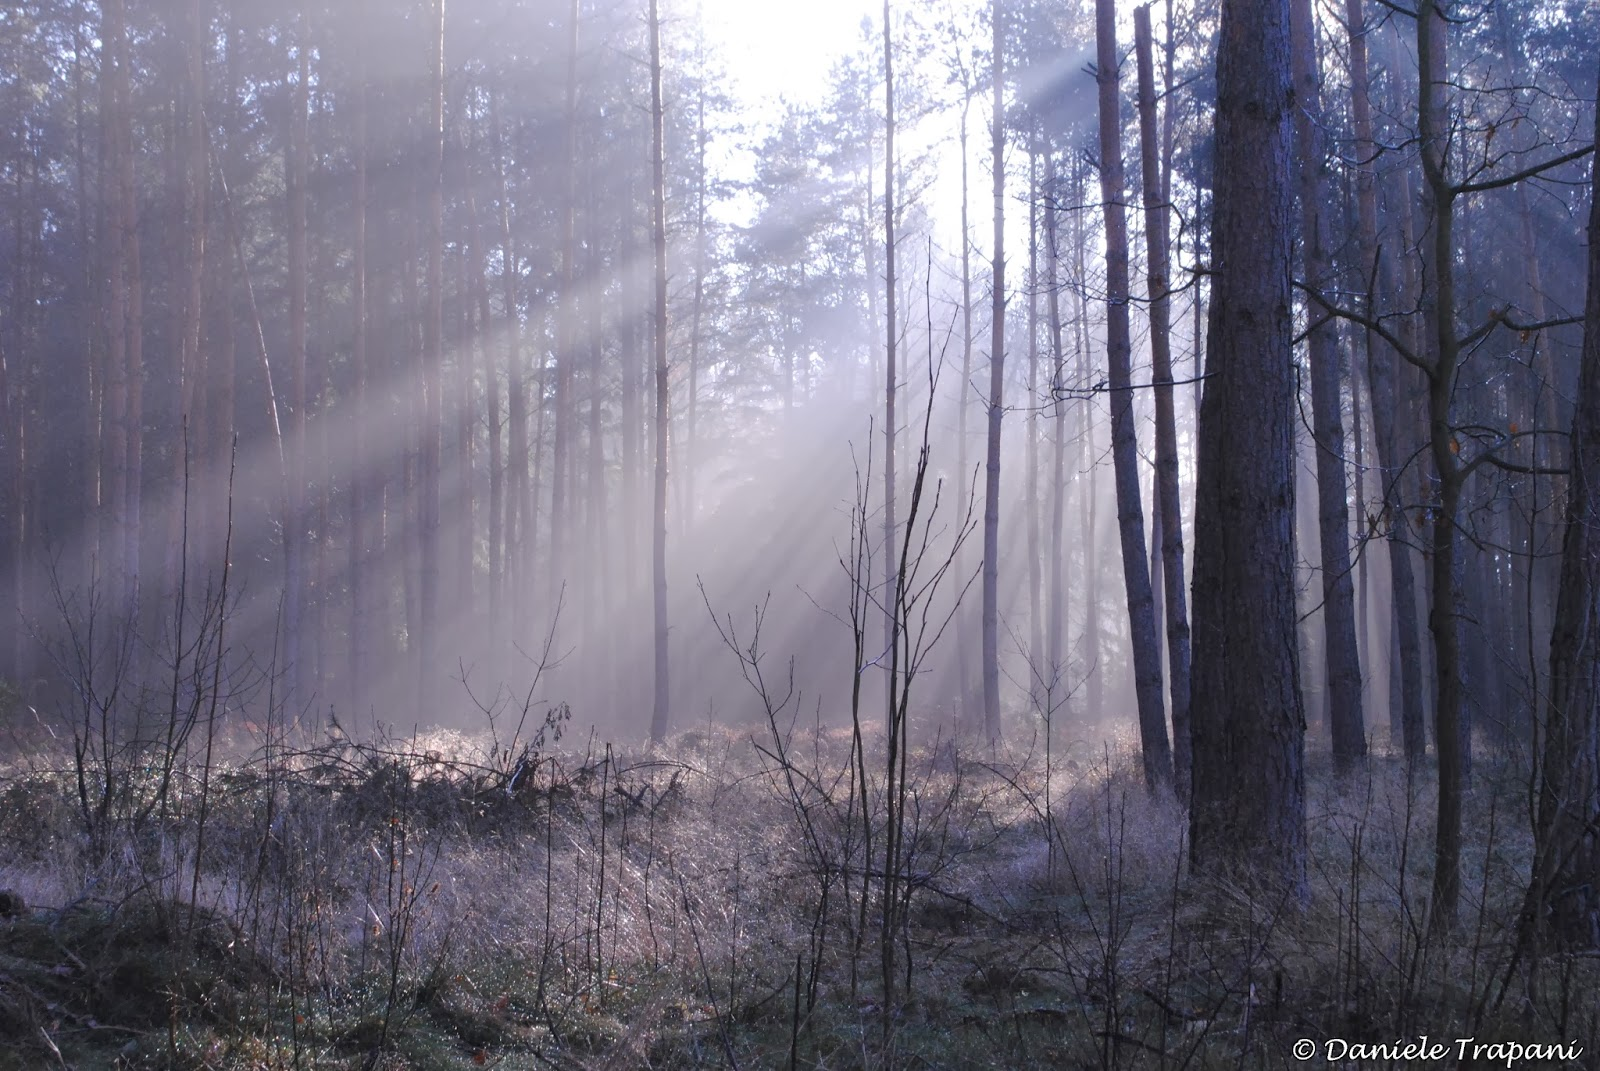 Una mattina nel bosco. Raggi del sole nella nebbia